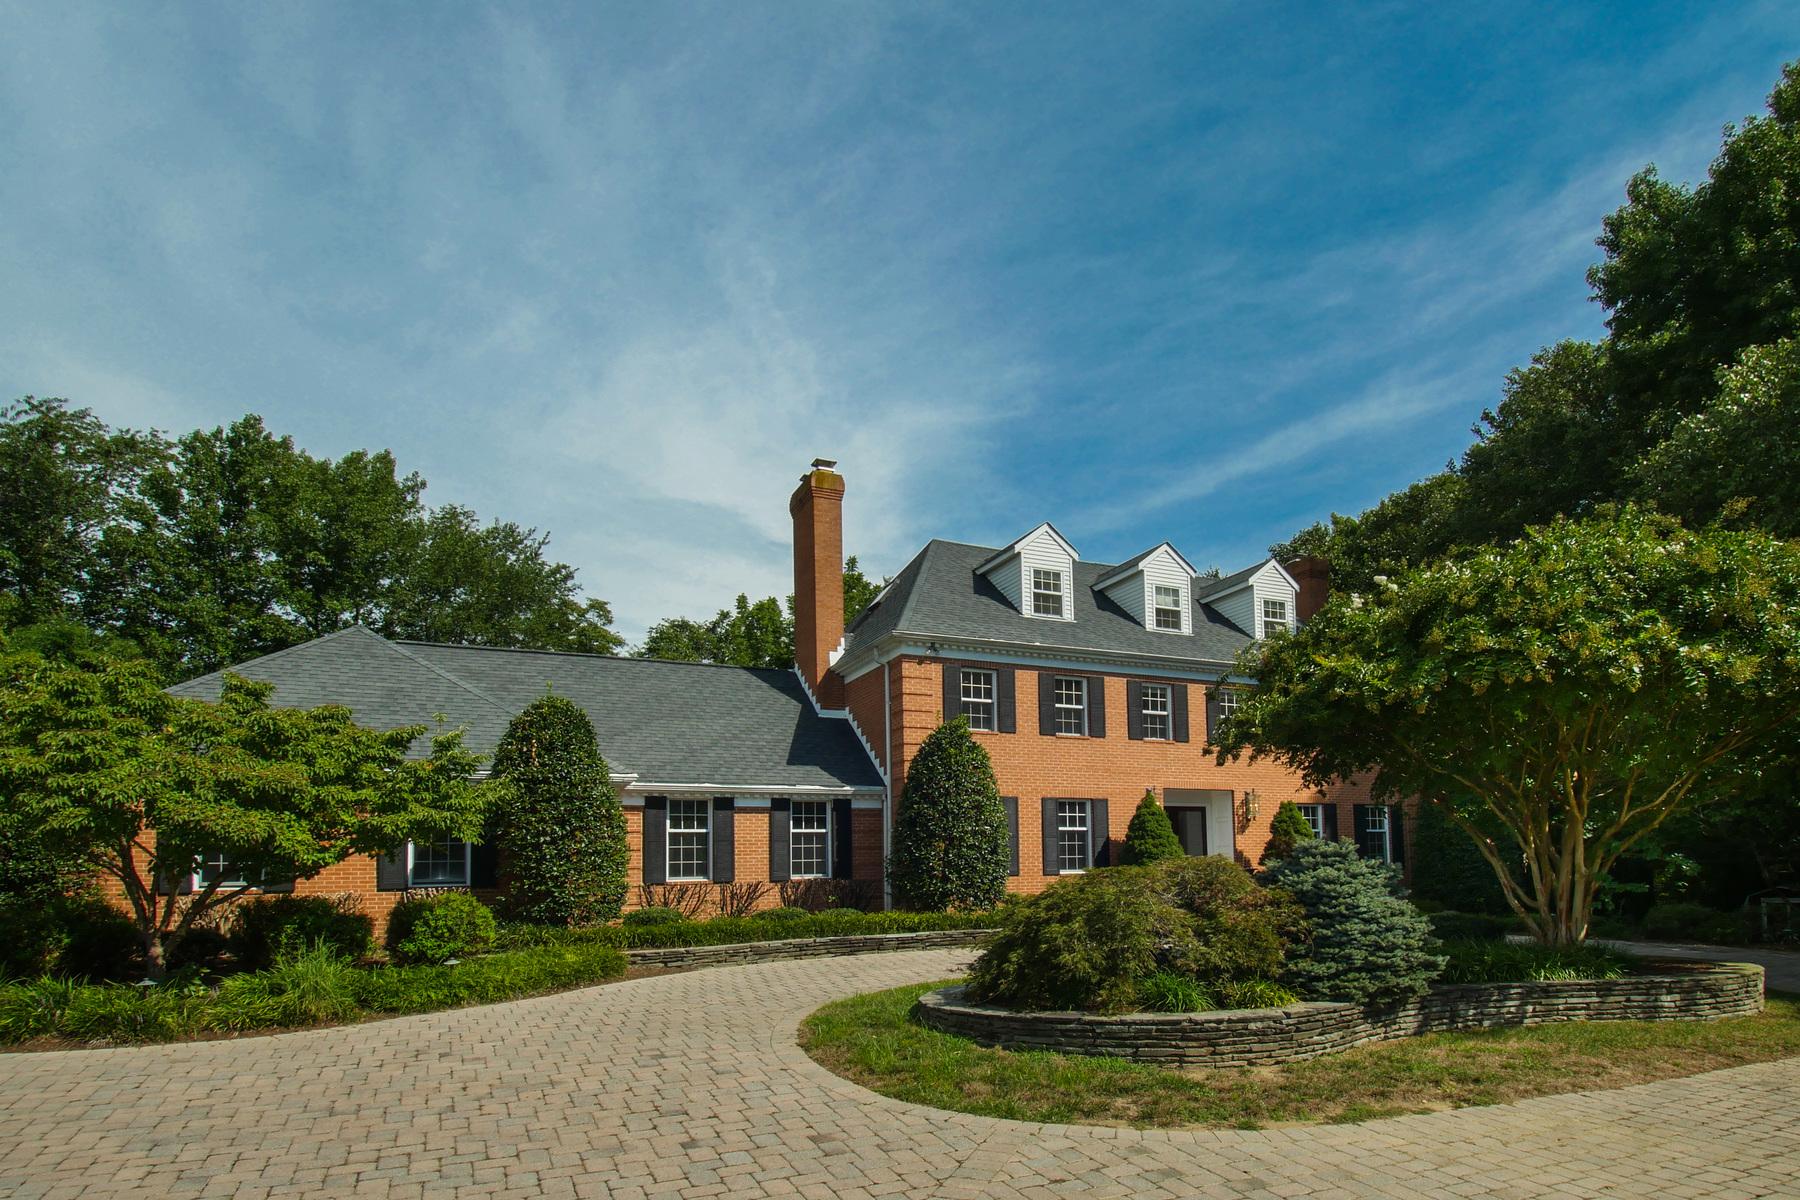 Maison unifamiliale pour l Vente à 576 Stocketts Run Road, Davidsonville 576 Stocketts Run Rd Davidsonville, Maryland 21035 États-Unis